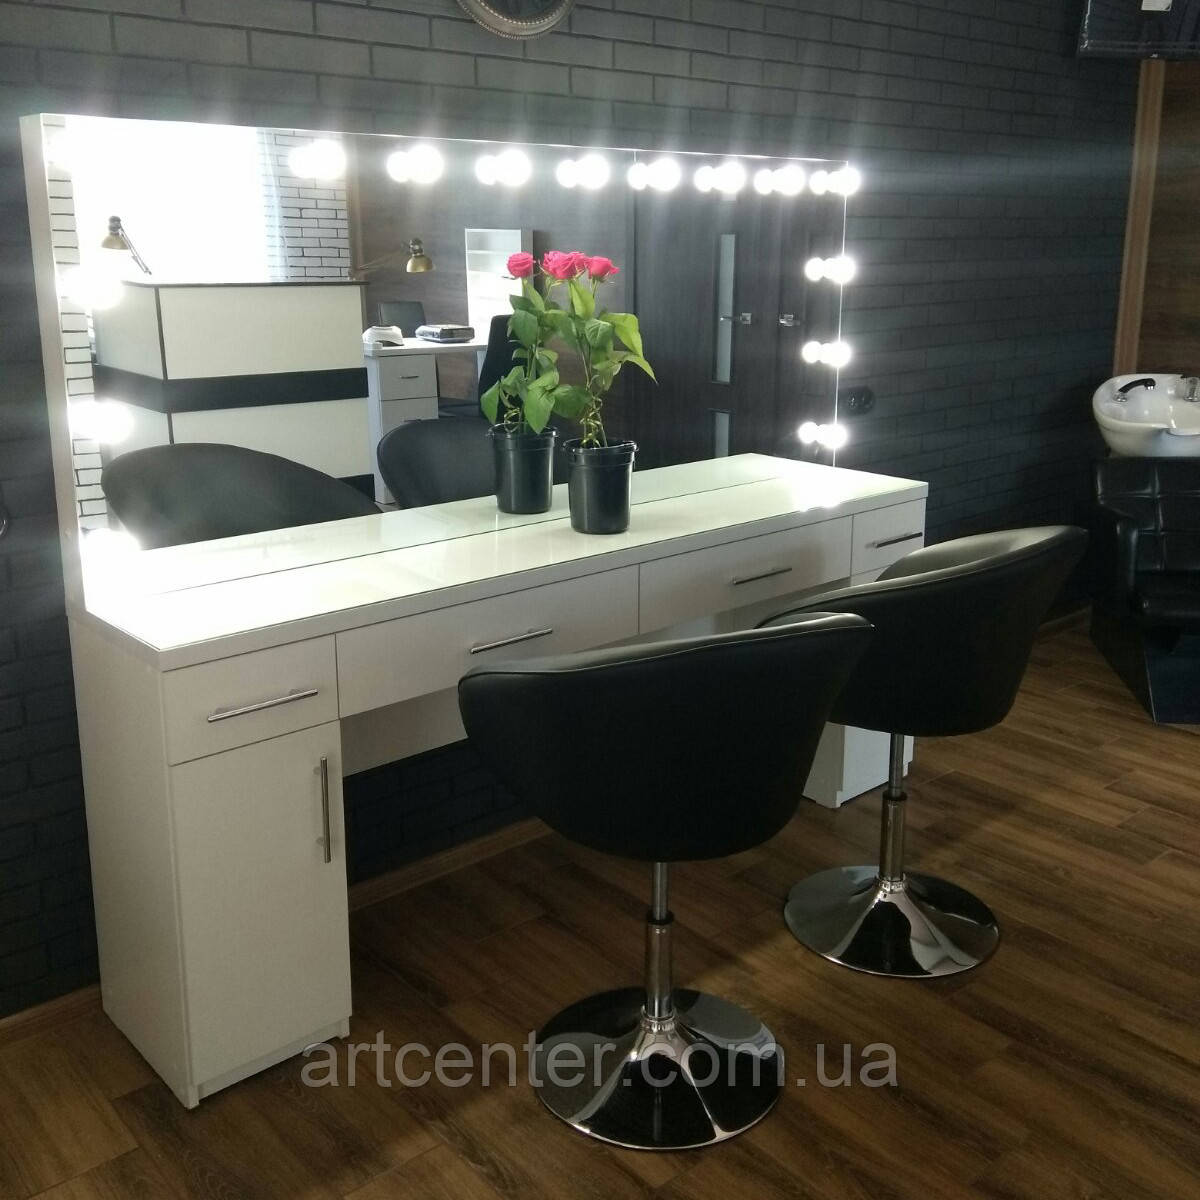 Стол с зеркалом для визажиста, туалетный столик, стол визажный